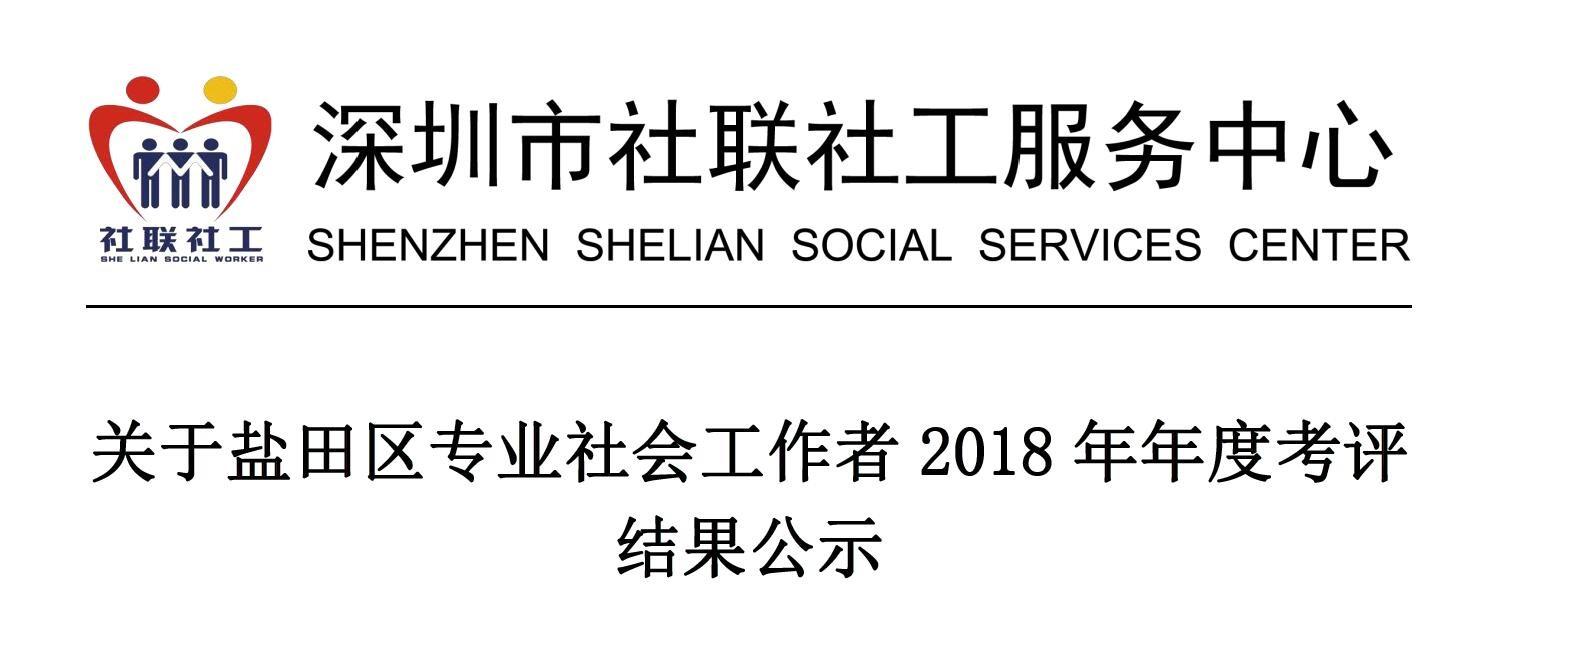 关于盐田区专业社会工作者2018 年年度考评 结果公示 各位